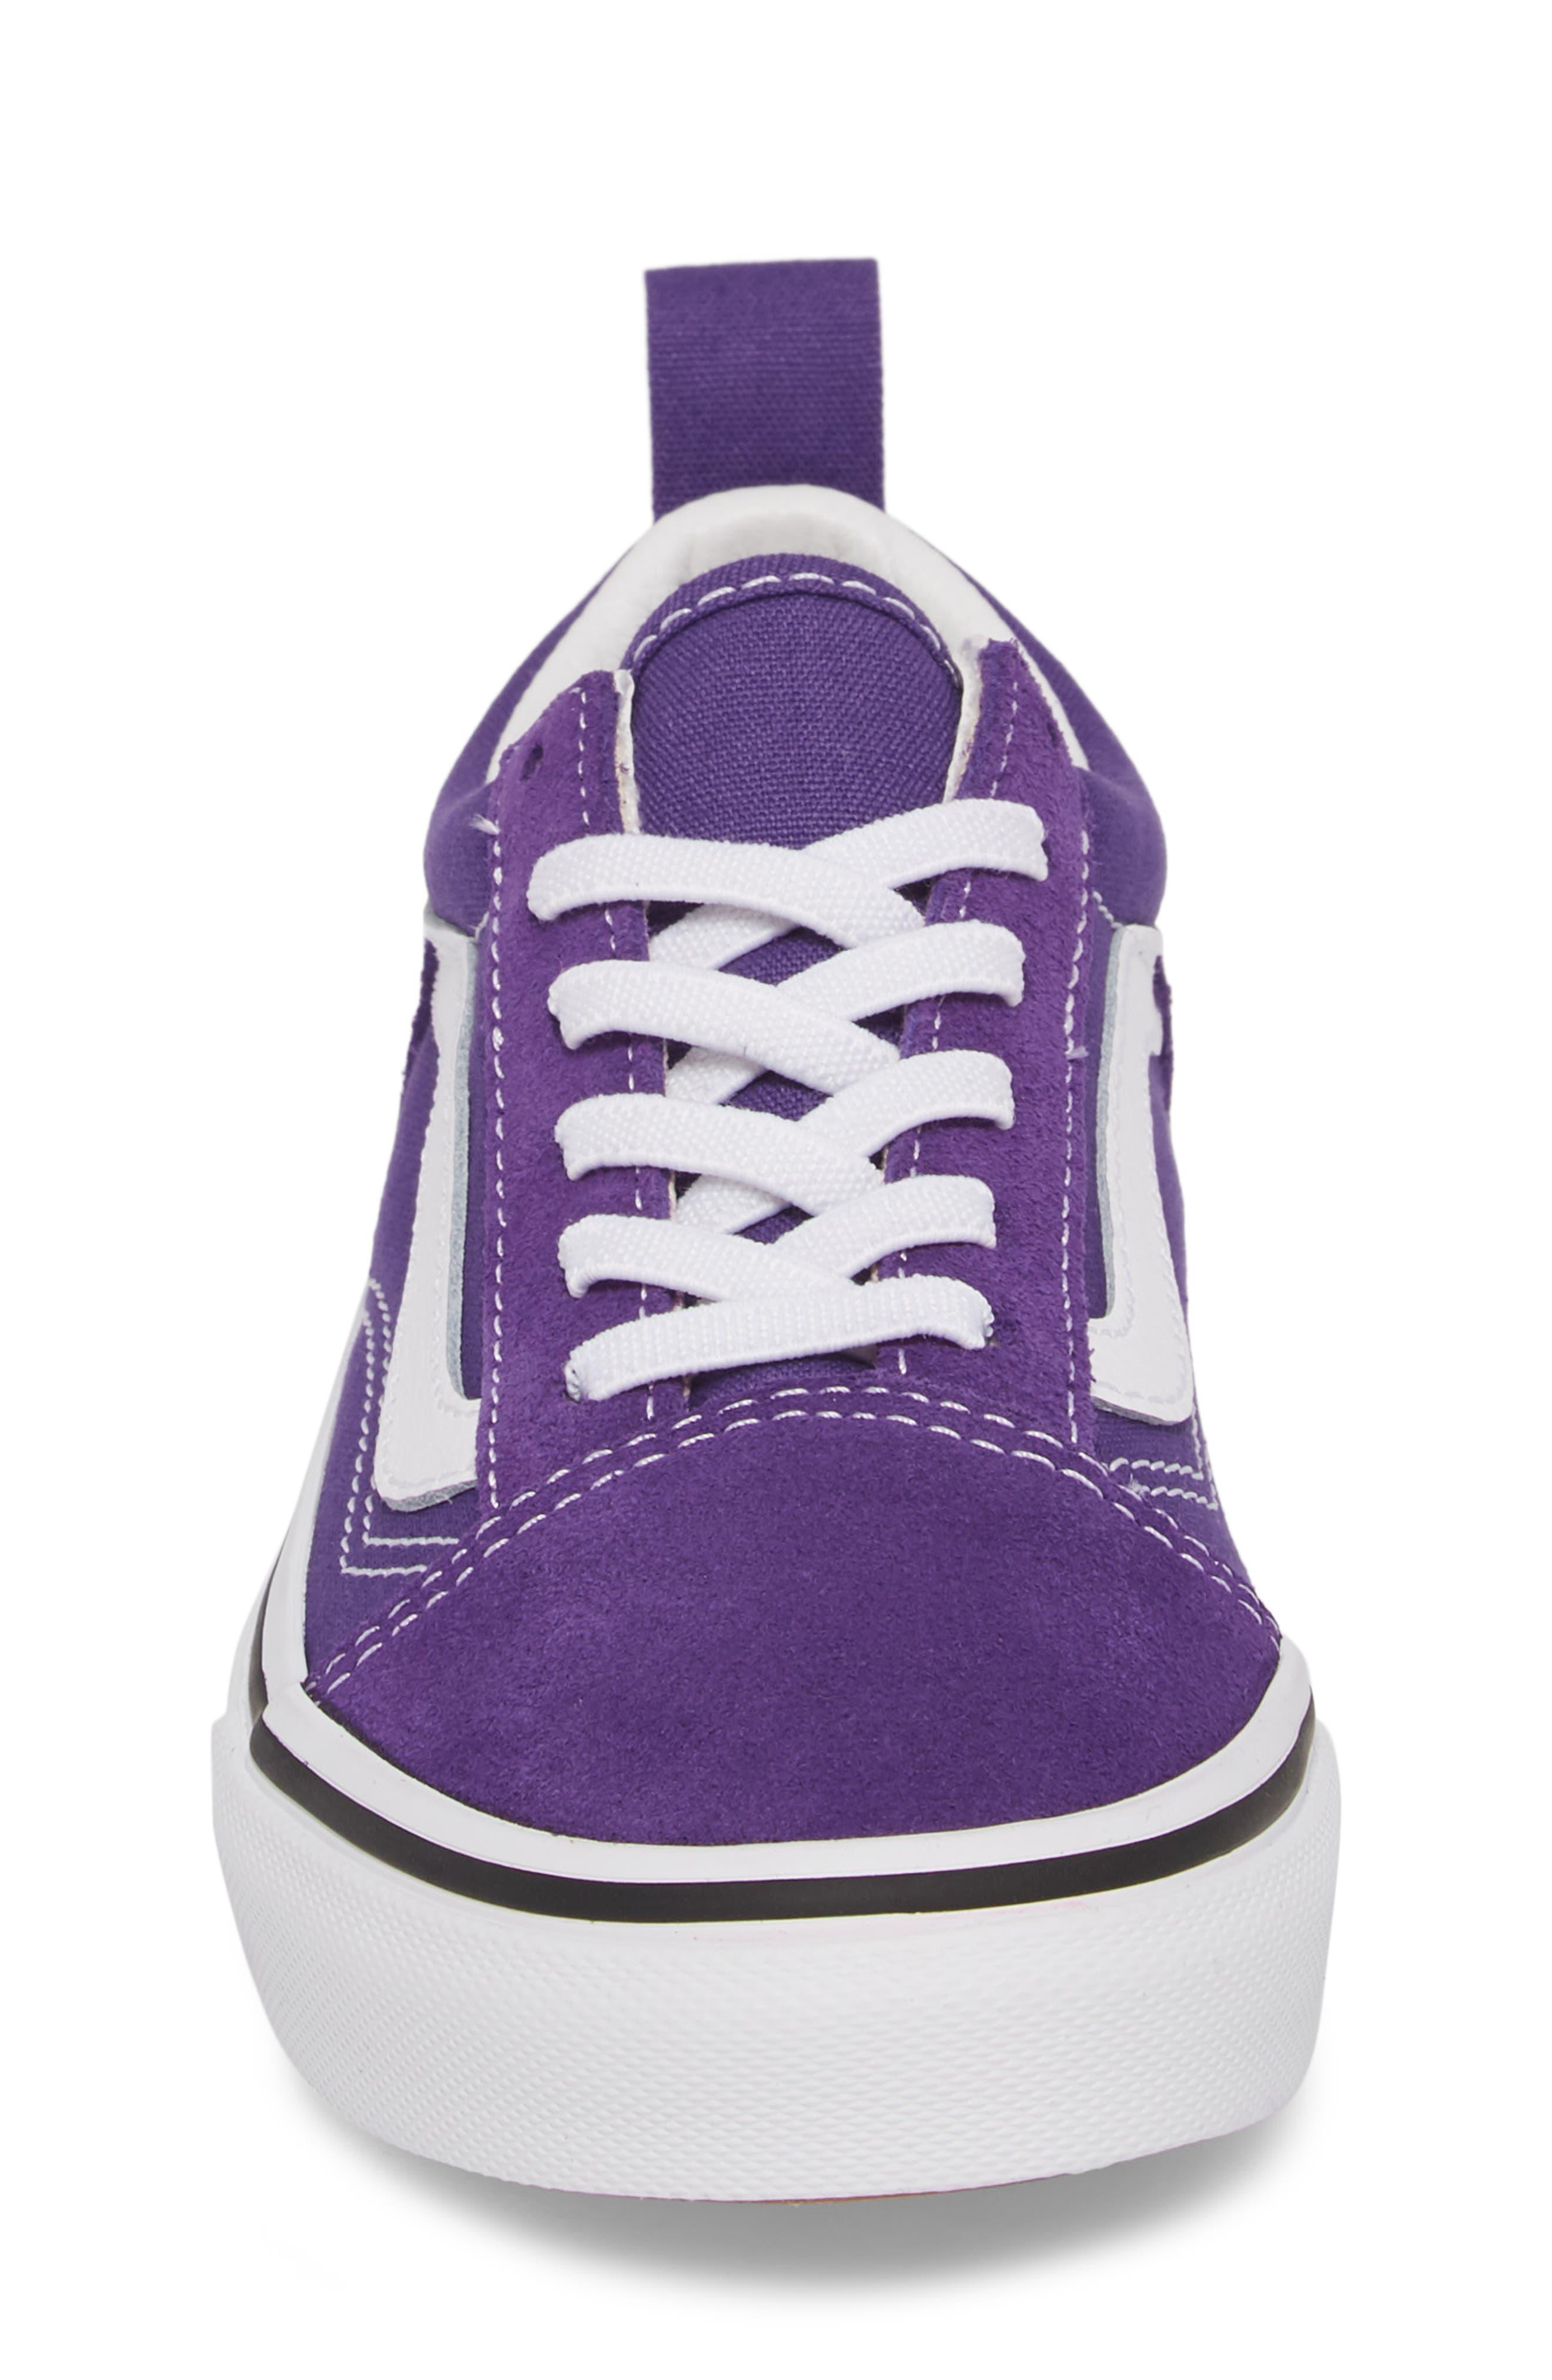 'Old Skool' Skate Sneaker,                             Alternate thumbnail 4, color,                             HELIOTROPE/ WHITE